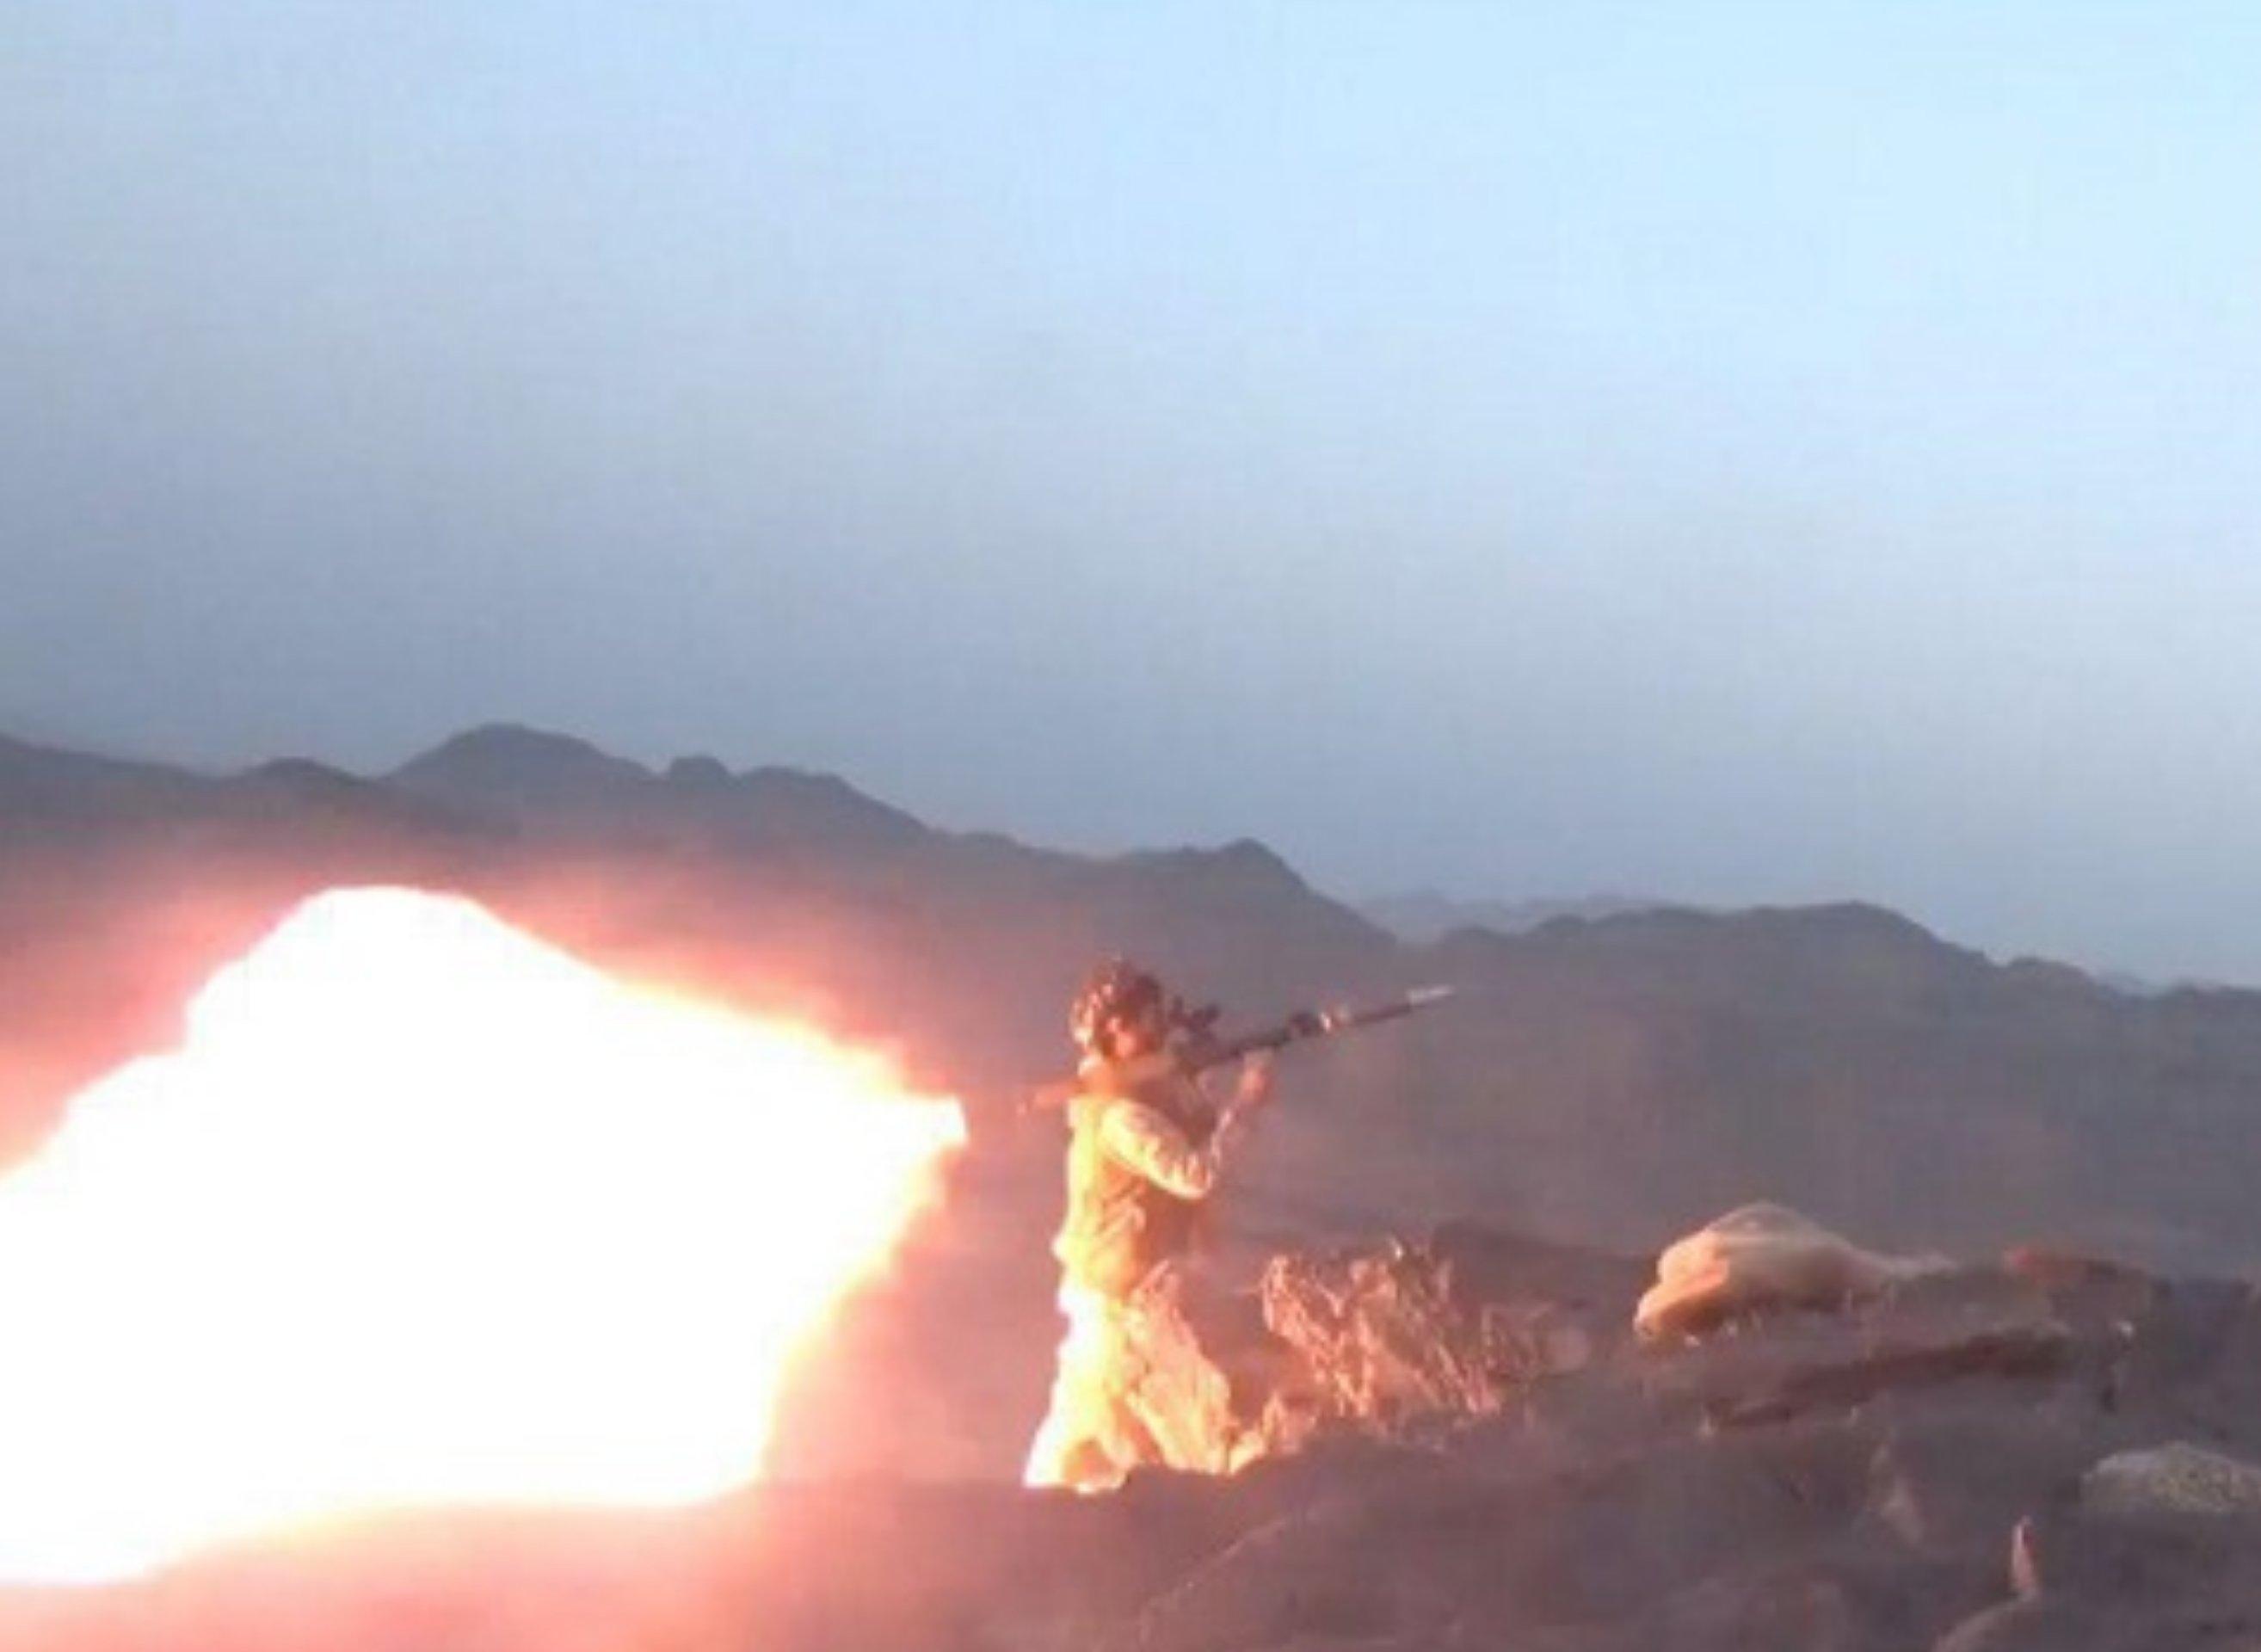 الجيش اليمني واللجان الشعبيّة ينجحون في التصدي لزحف للغزاة والمنافقين